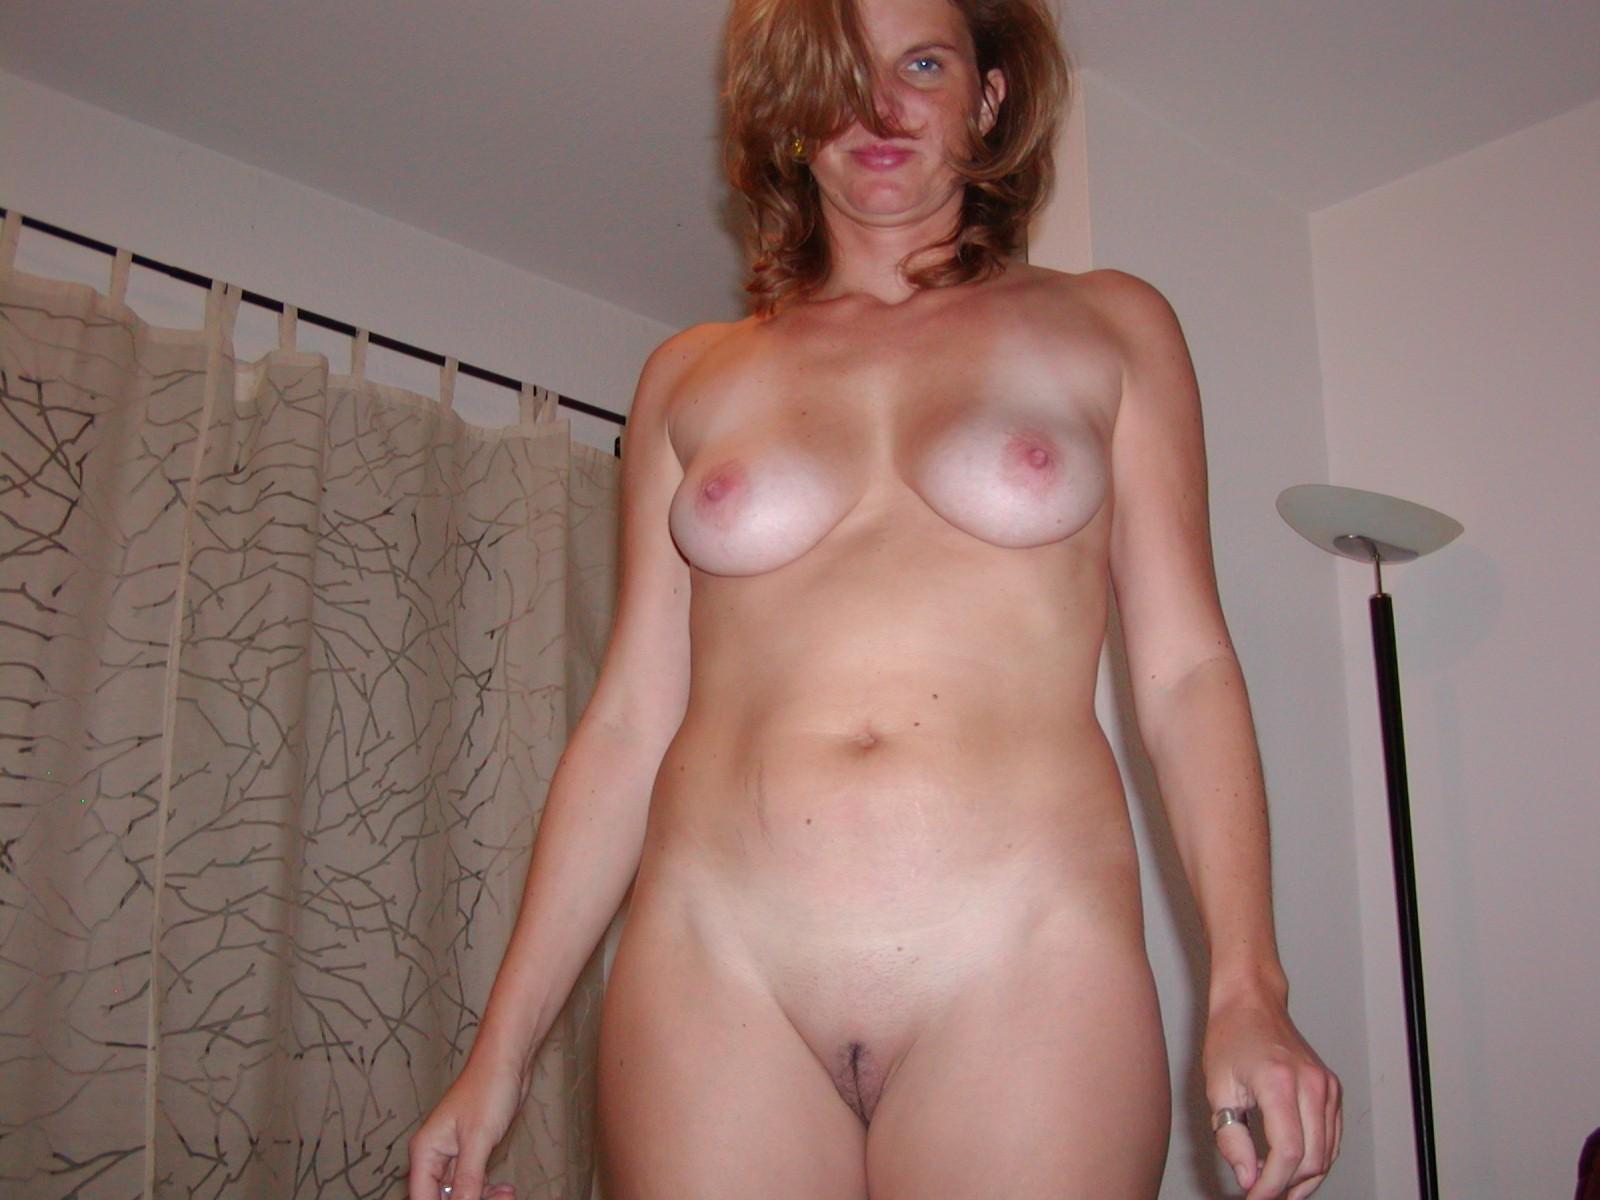 Эротические фото жён дома, Голые жены, домашние порно фото с женой 13 фотография